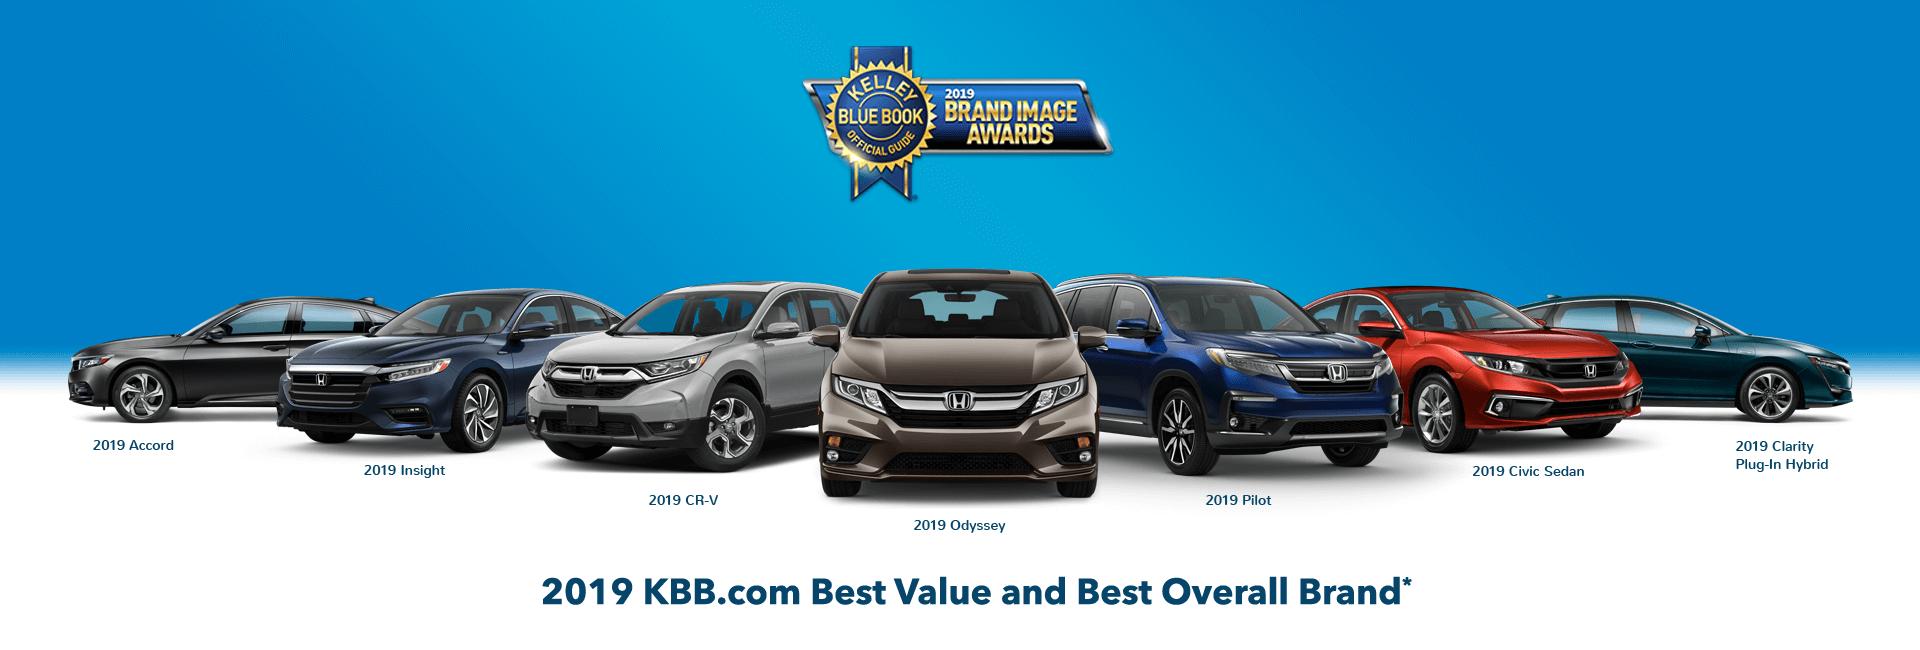 2019 KBB.com Brand Image Award Slider